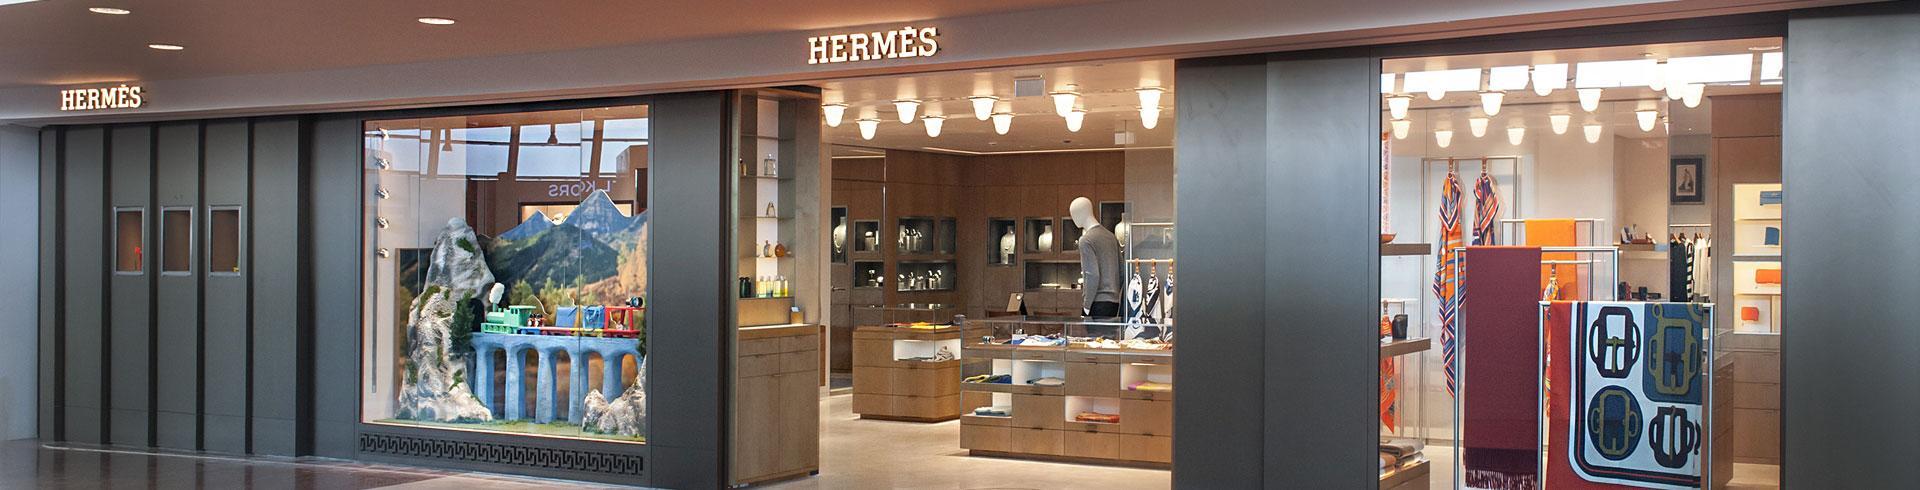 Hermès   Mode   Accessoires   Terminal 2   Shops   Services   La ... bee23a8cfd6